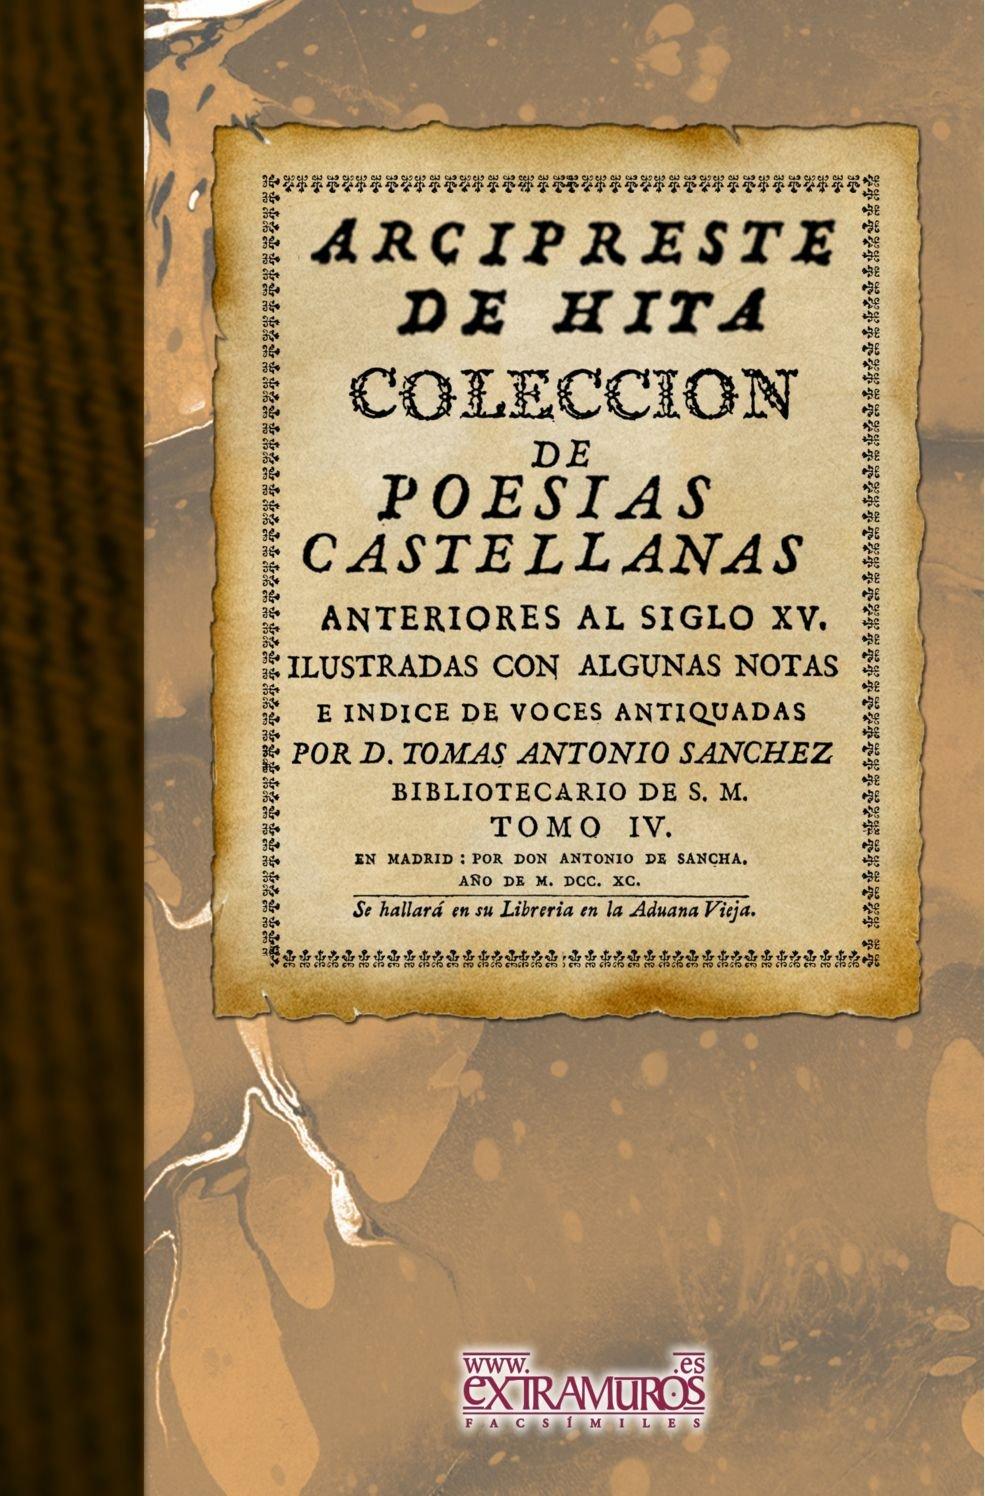 Download Colección De Poesías Castellanas Anteriores Al Siglo Xv (Spanish Edition) ebook